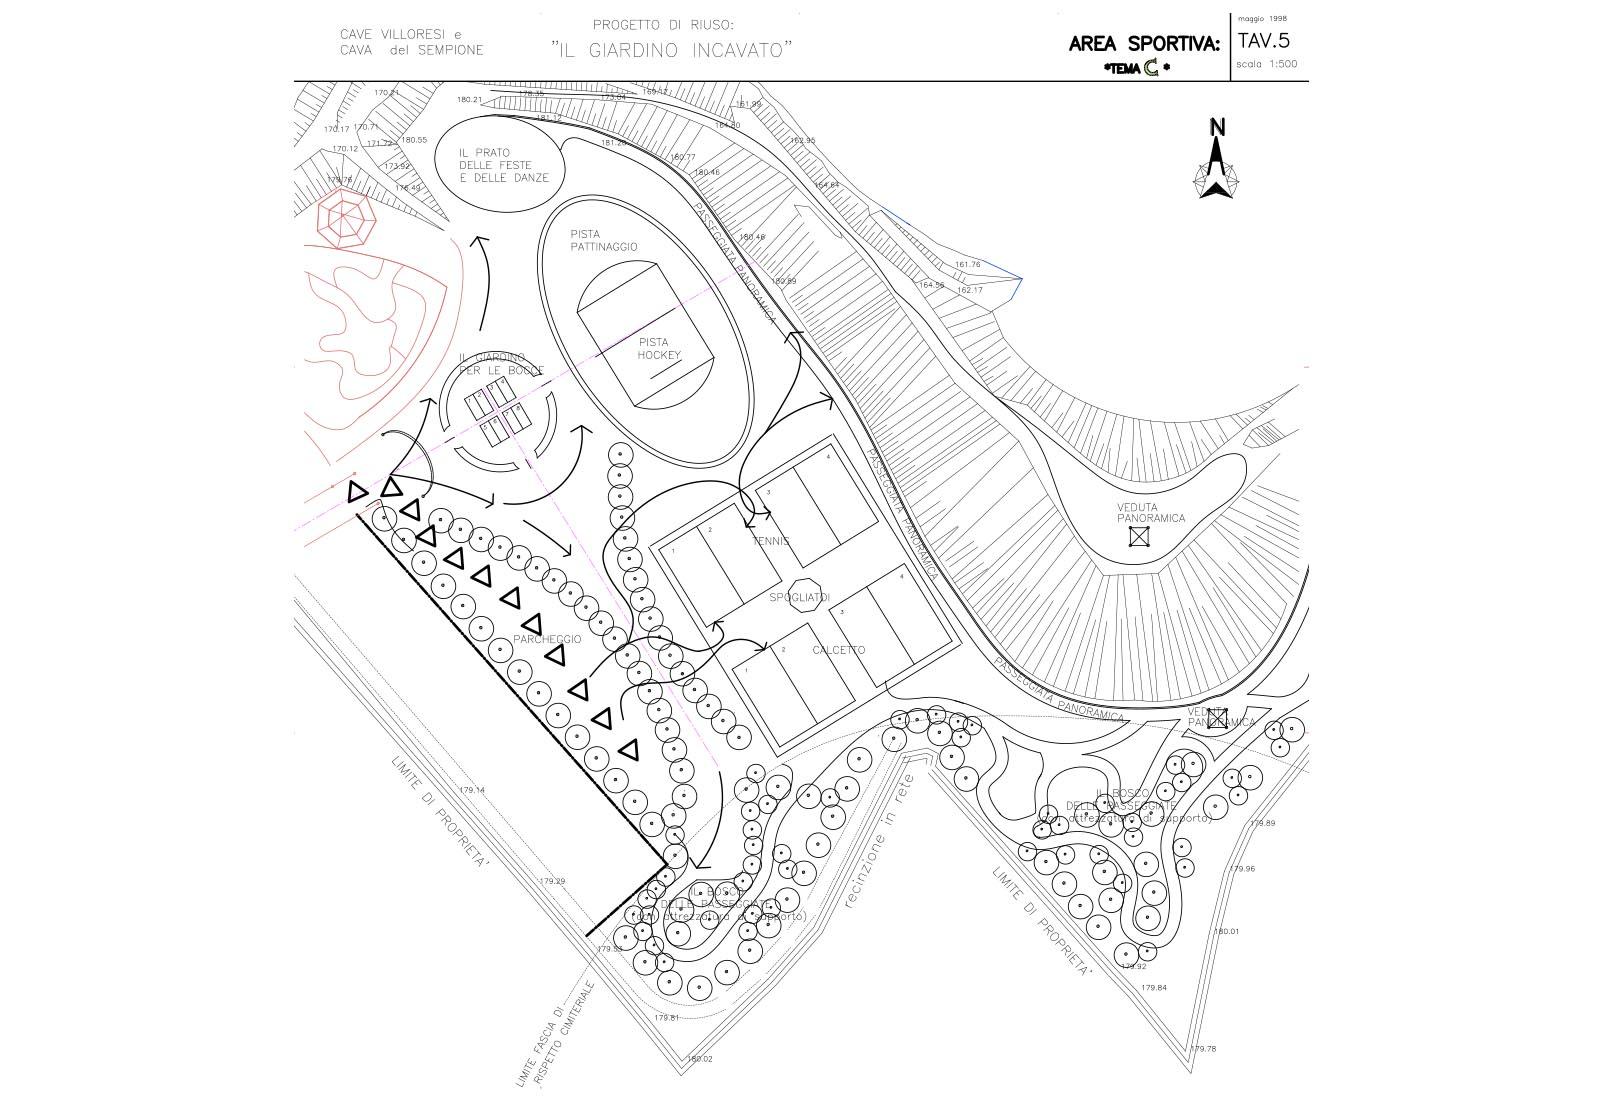 Riuso cave Villoresi e Sempione - Progetto di riuso: Tav.5 Area sportiva